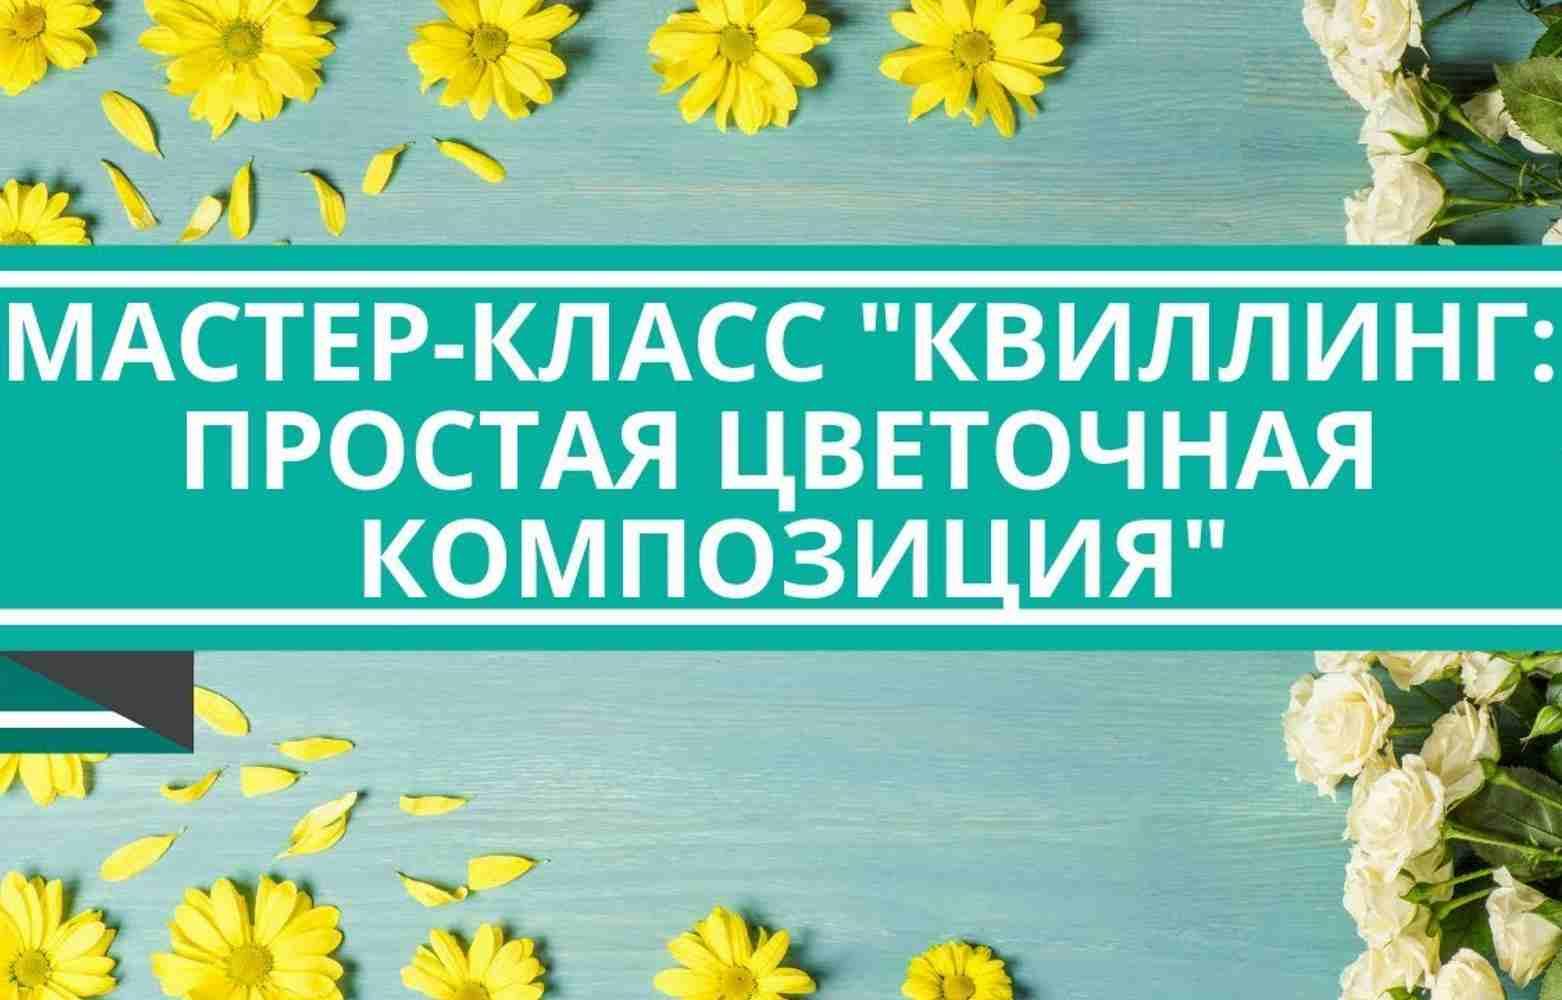 novyj-master-klass-po-kvillingu-sozdaem-prostuyu-tsvetochnuyu-kompozitsiyu